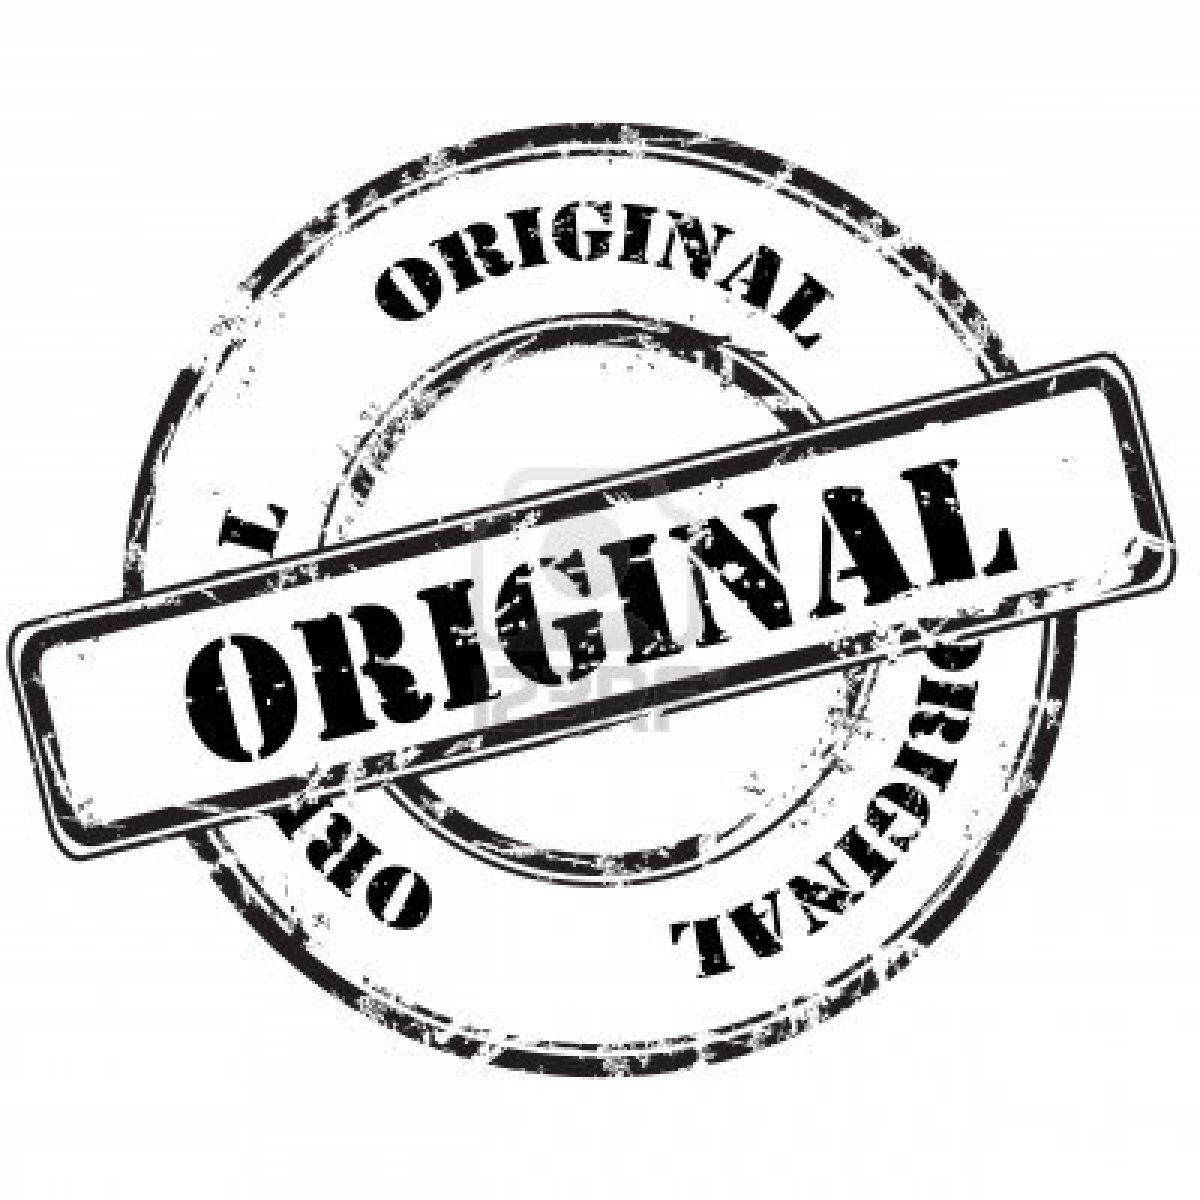 Quand fournir des documents originaux dans un dossier de location dossier - Faire un faux dossier de location ...